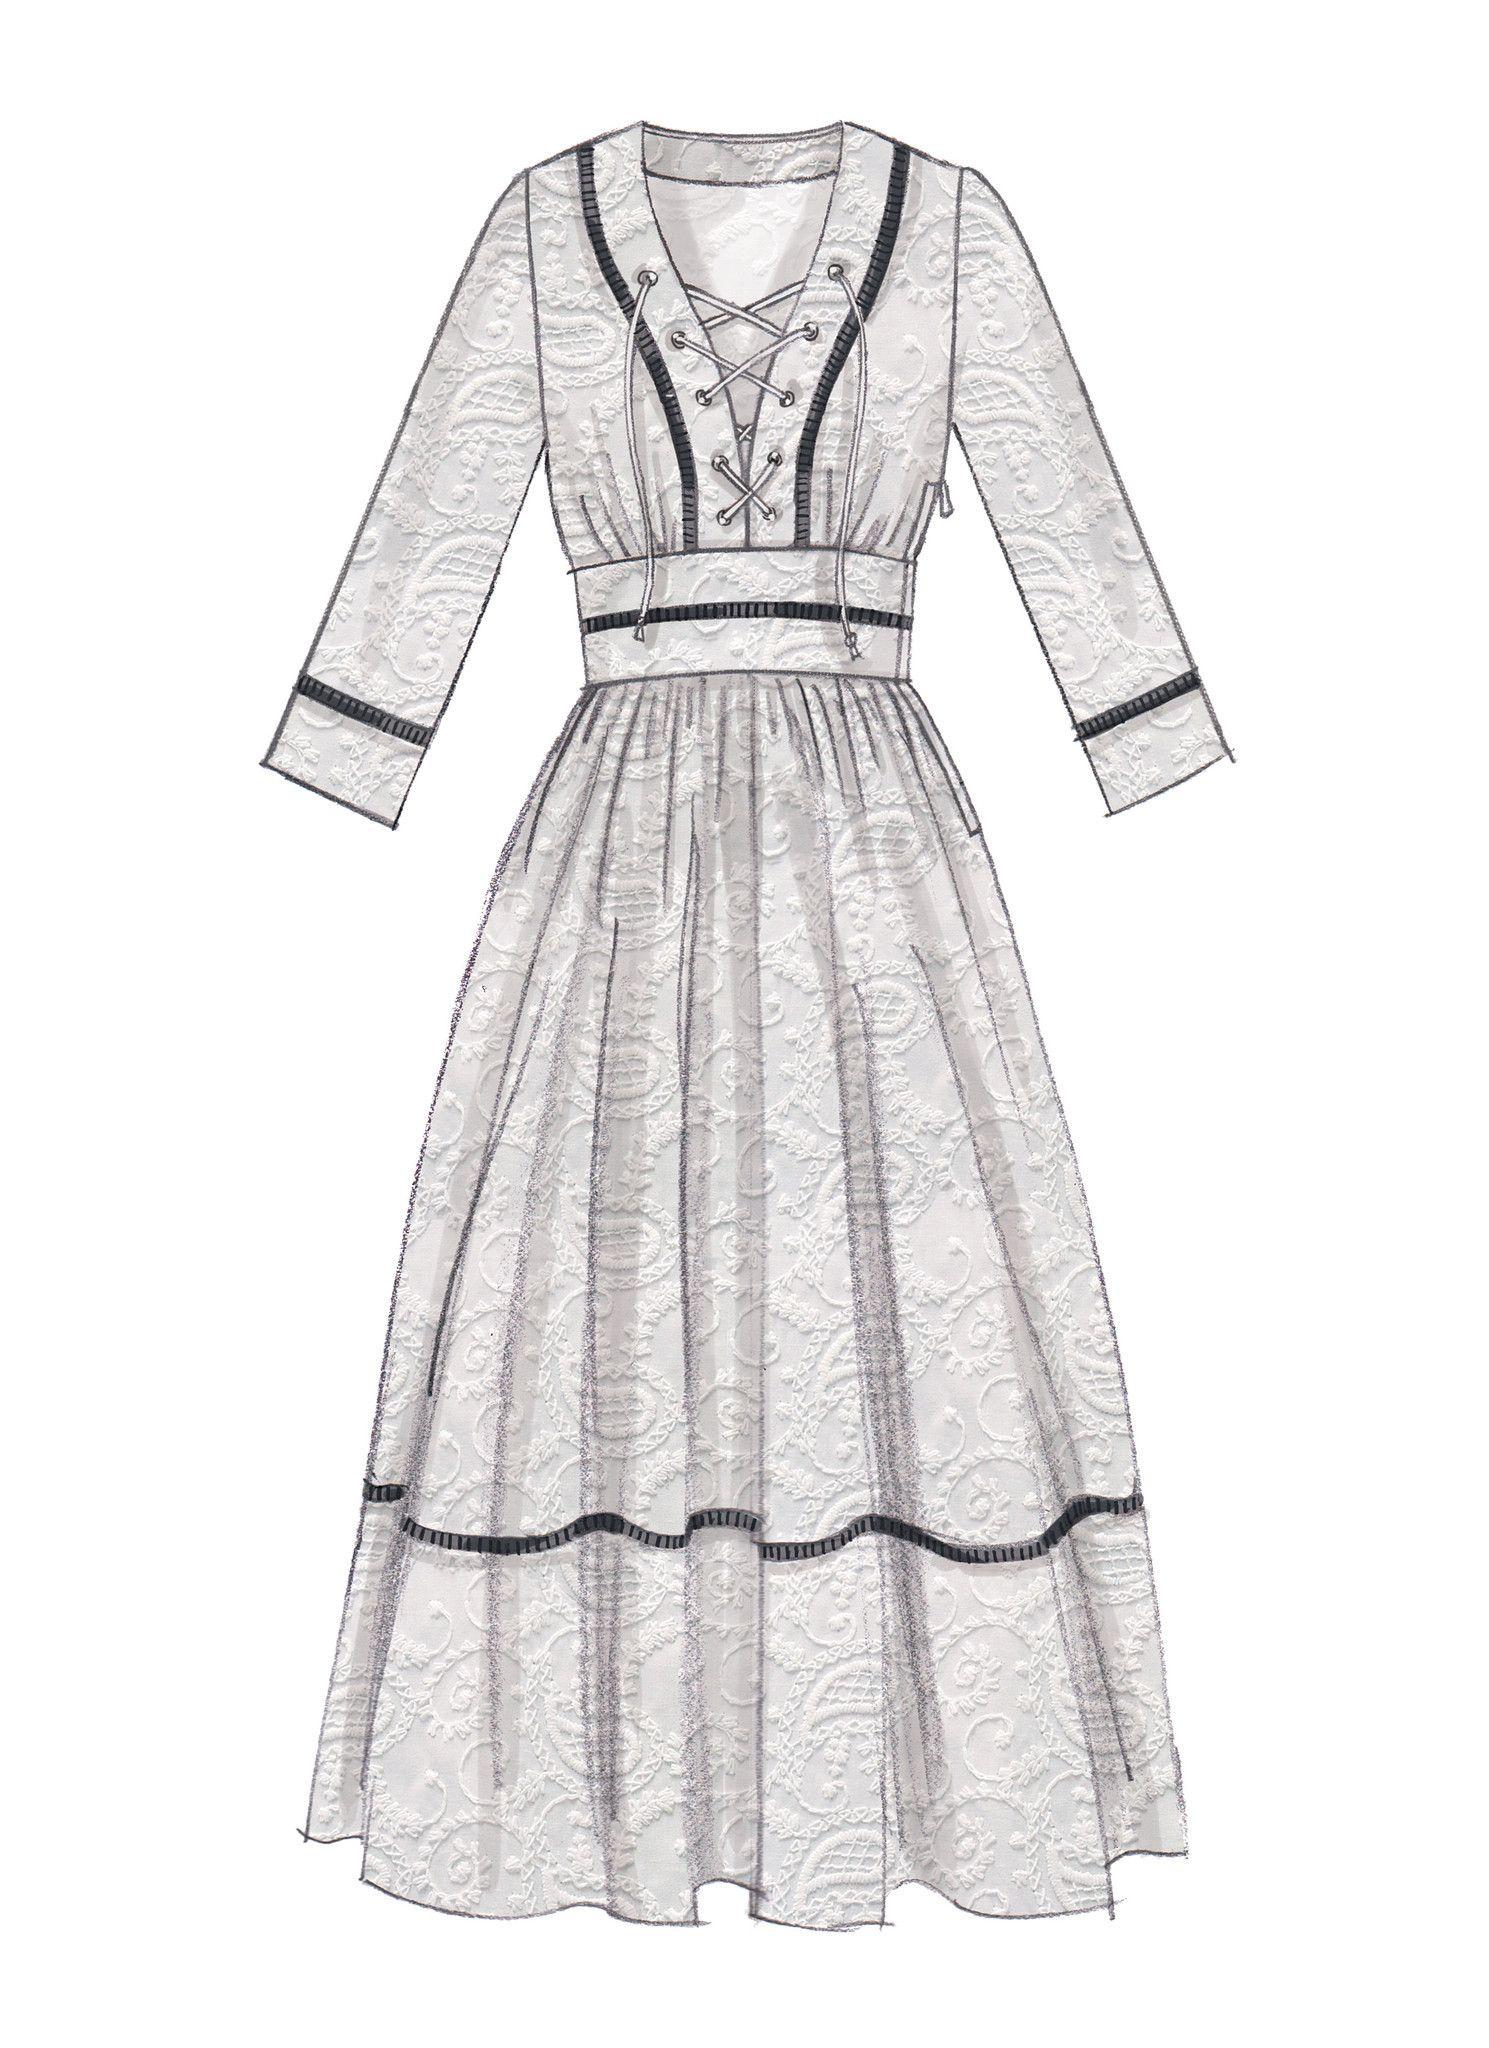 M7537 Misses\' Banded, Gathered-Waist Dresses — jaycotts.co.uk ...